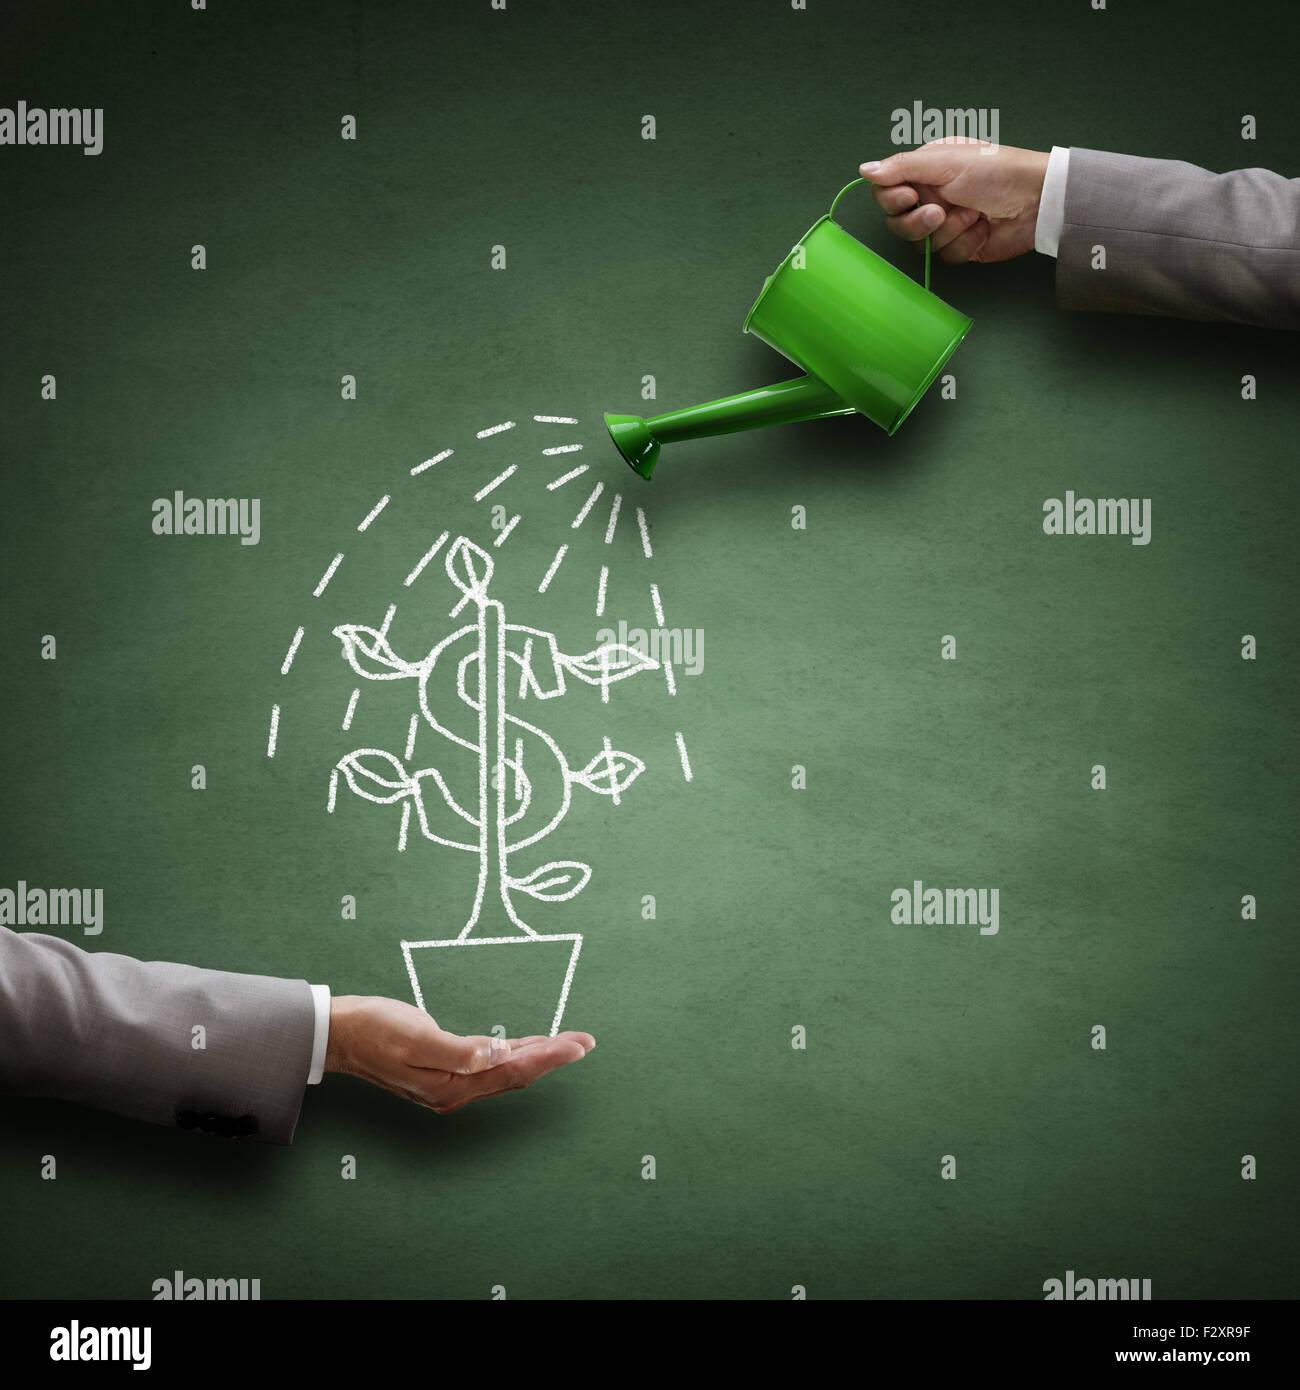 Crecimiento financiero Imagen De Stock